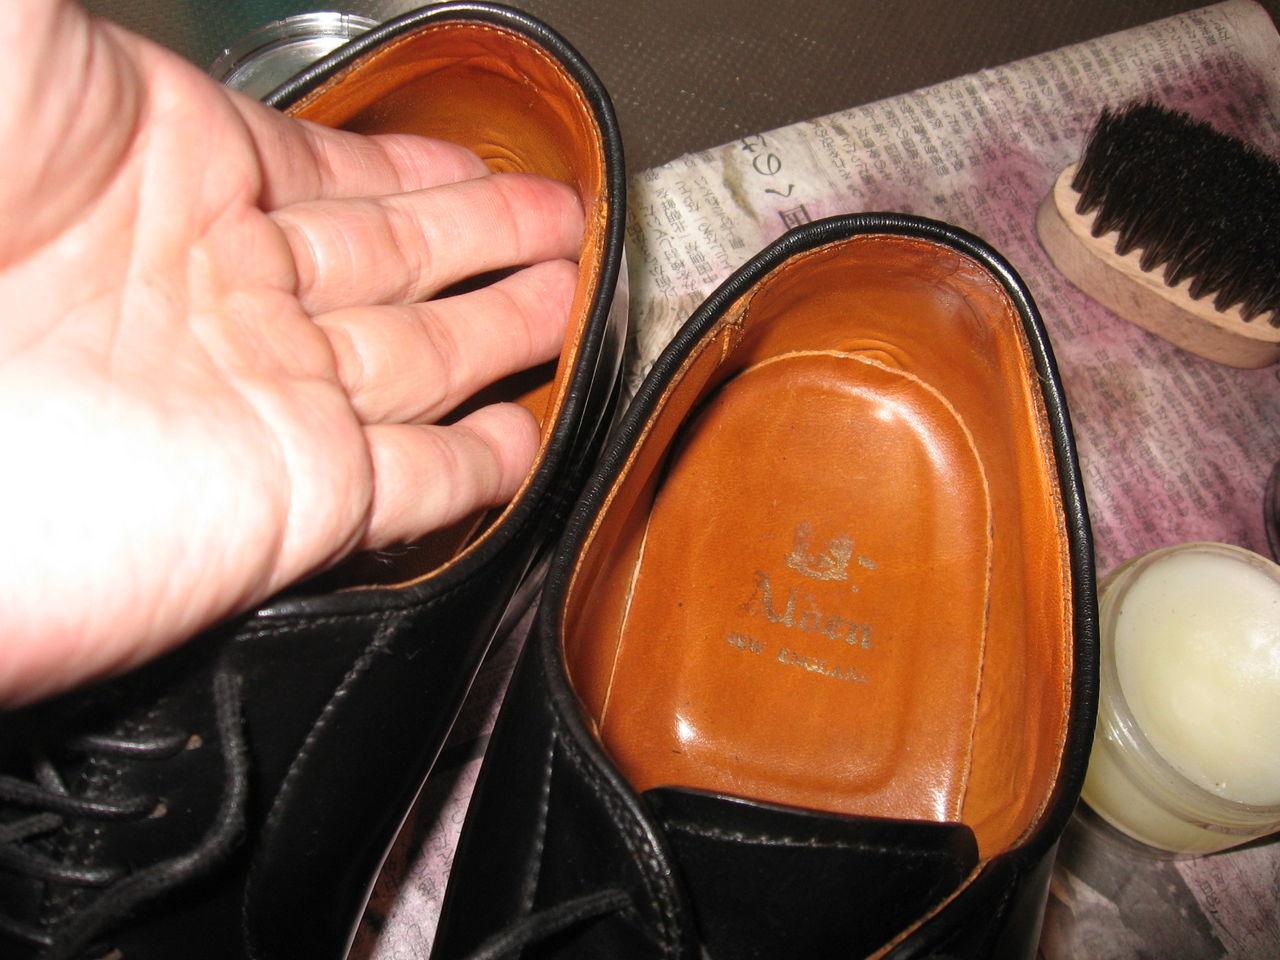 アッパーとソールをしっかり手入れしていても、ライニングがやられてしまえば、それでその靴は修理が必要となってしまいます。まんべんなく、弱点の無い手入れが必要